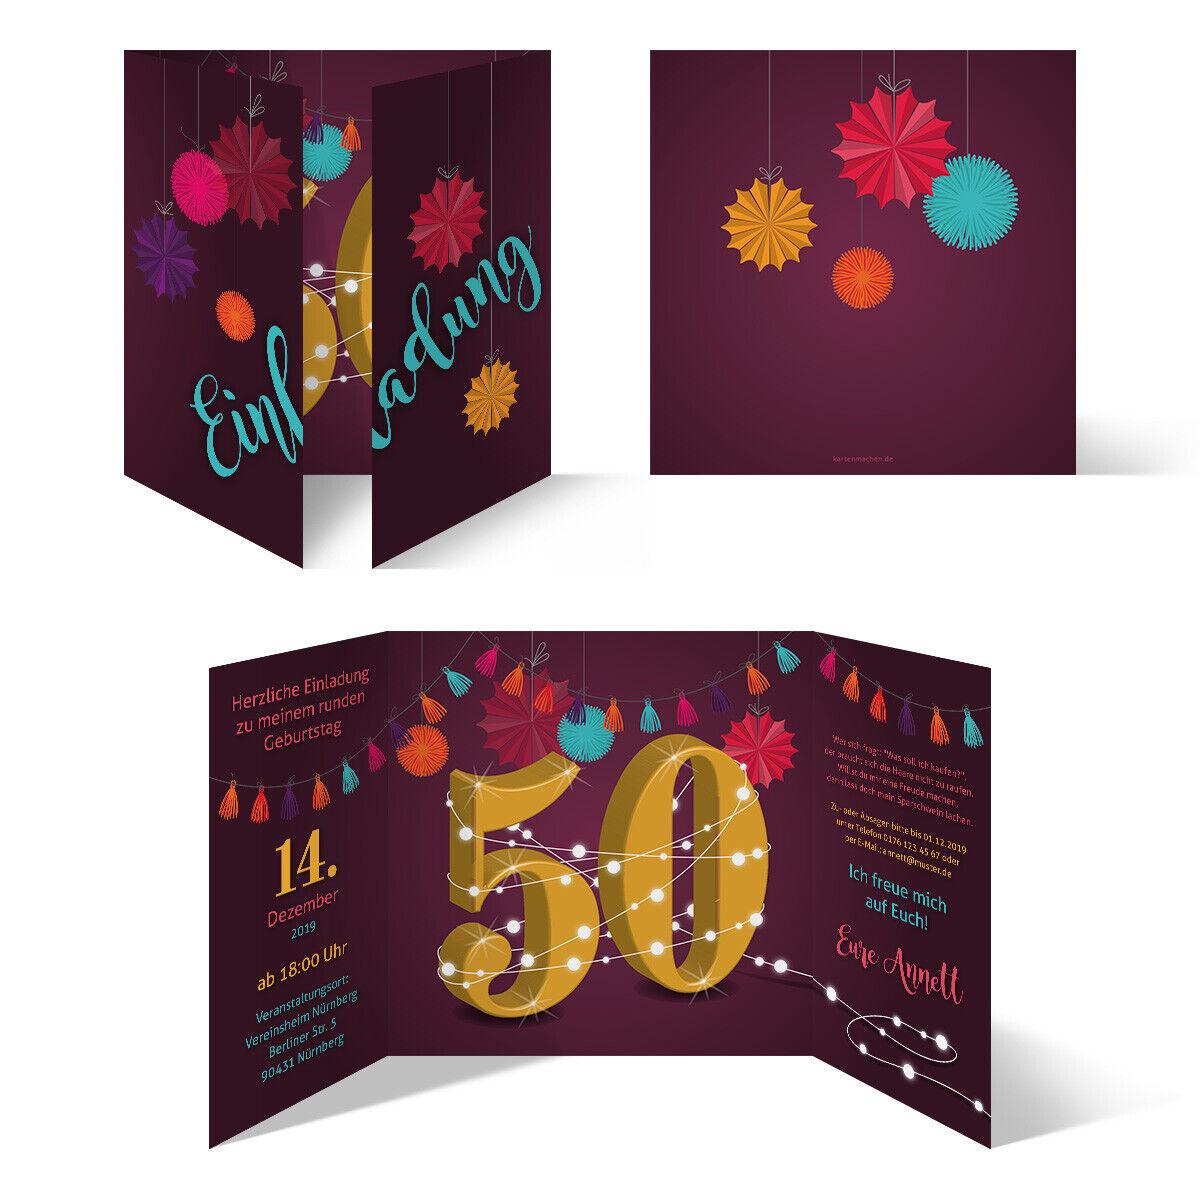 Runder 50. Geburtstag individuelle Einladungskarten Einladungen - Girlande | Guter weltweiter Ruf  | Diversified In Packaging